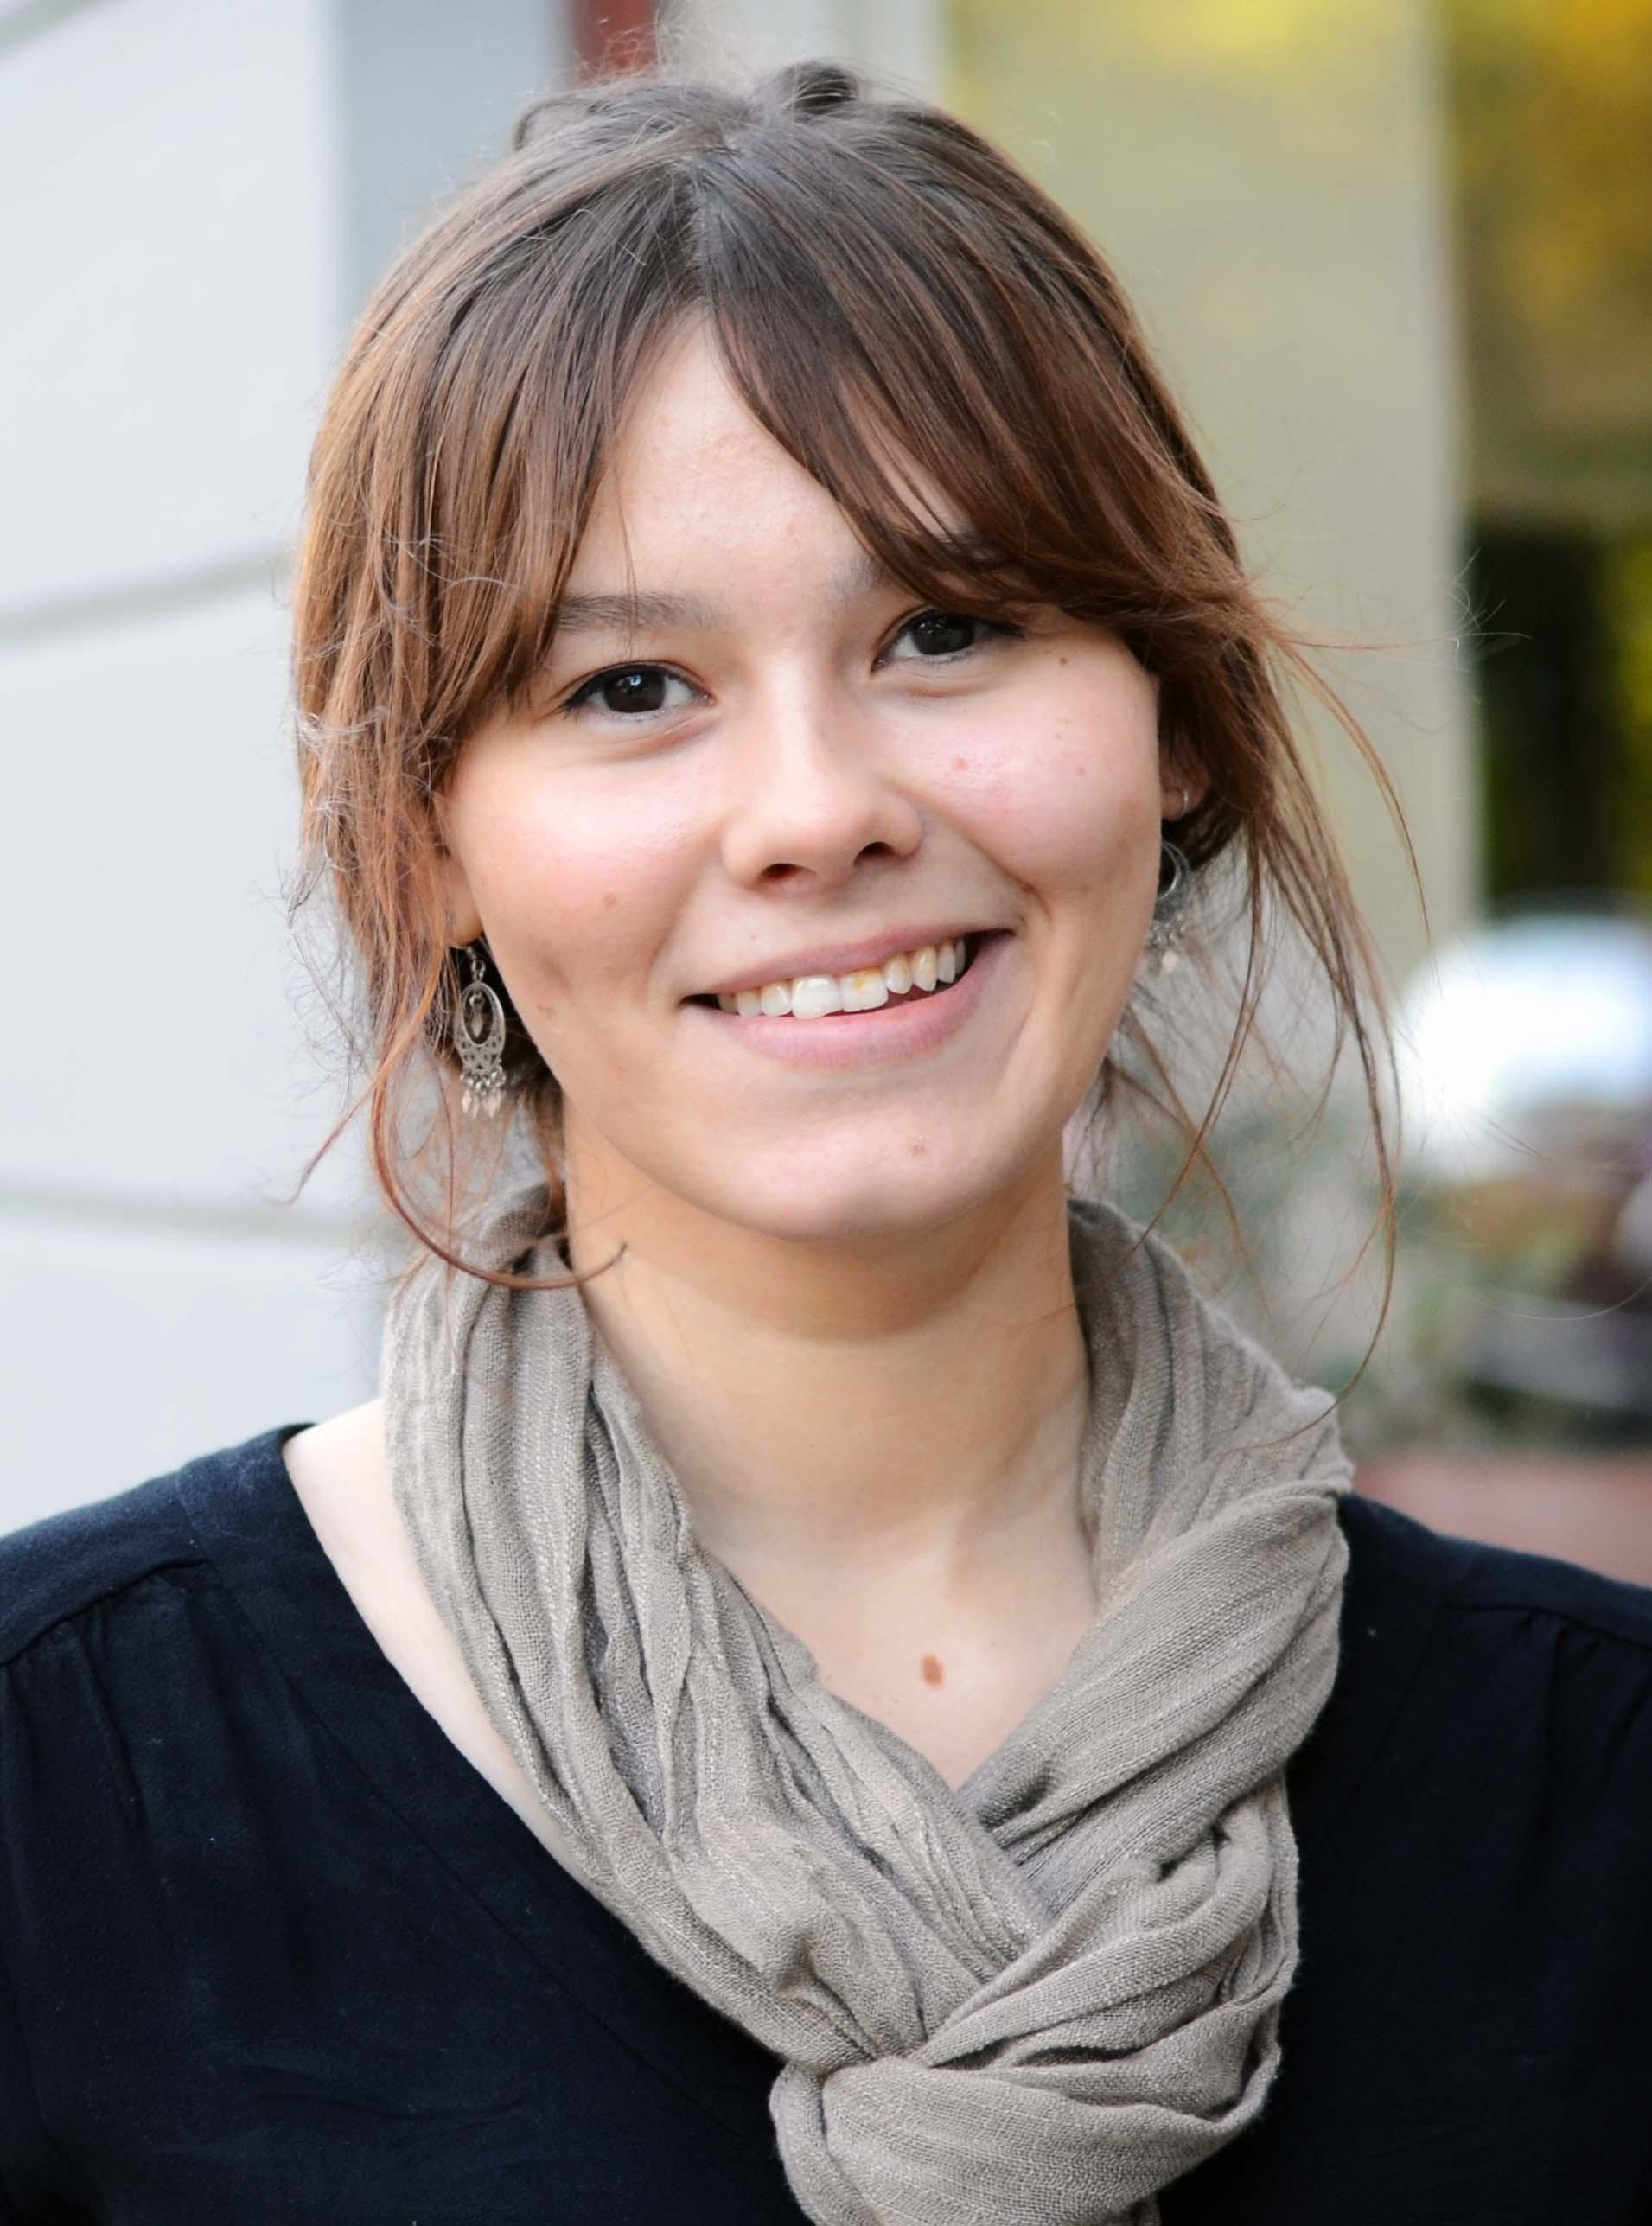 Daniela Melin